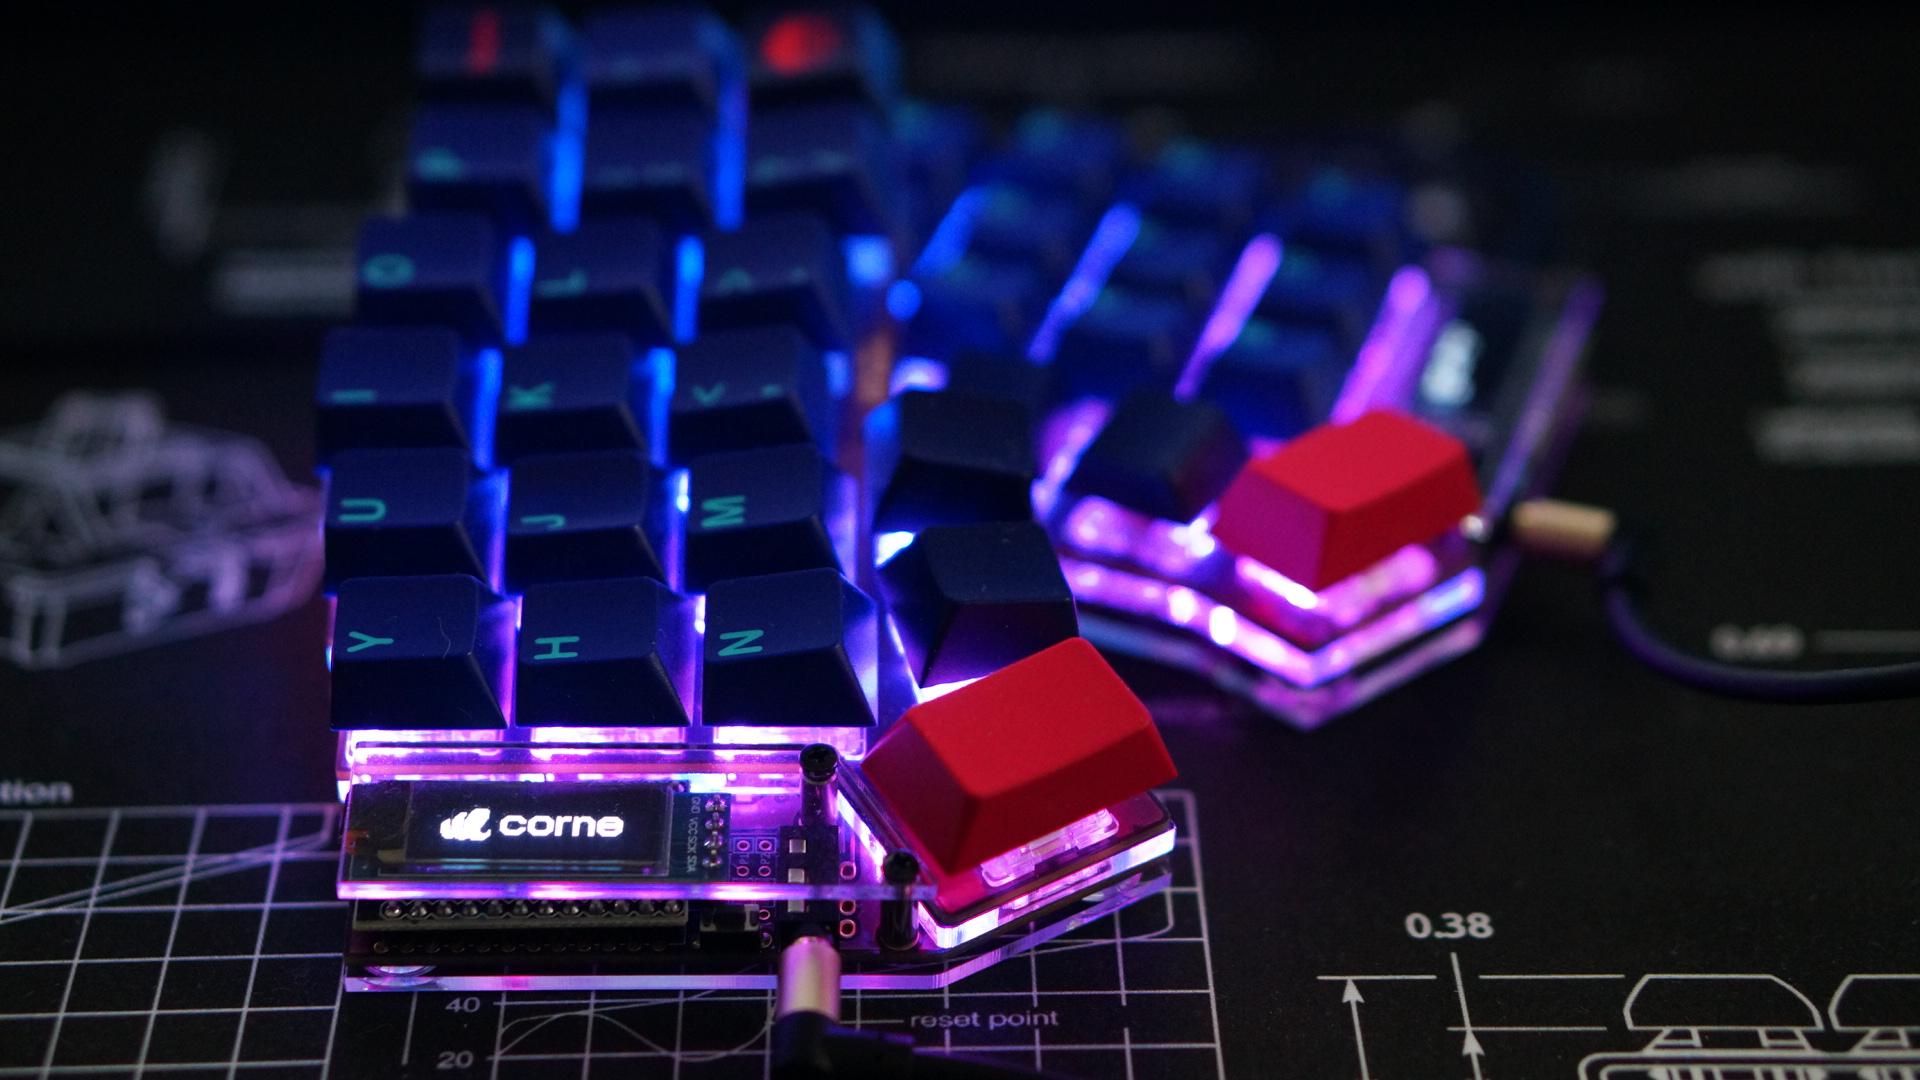 GitHub - foostan/crkbd: Corne keyboard, a split keyboard